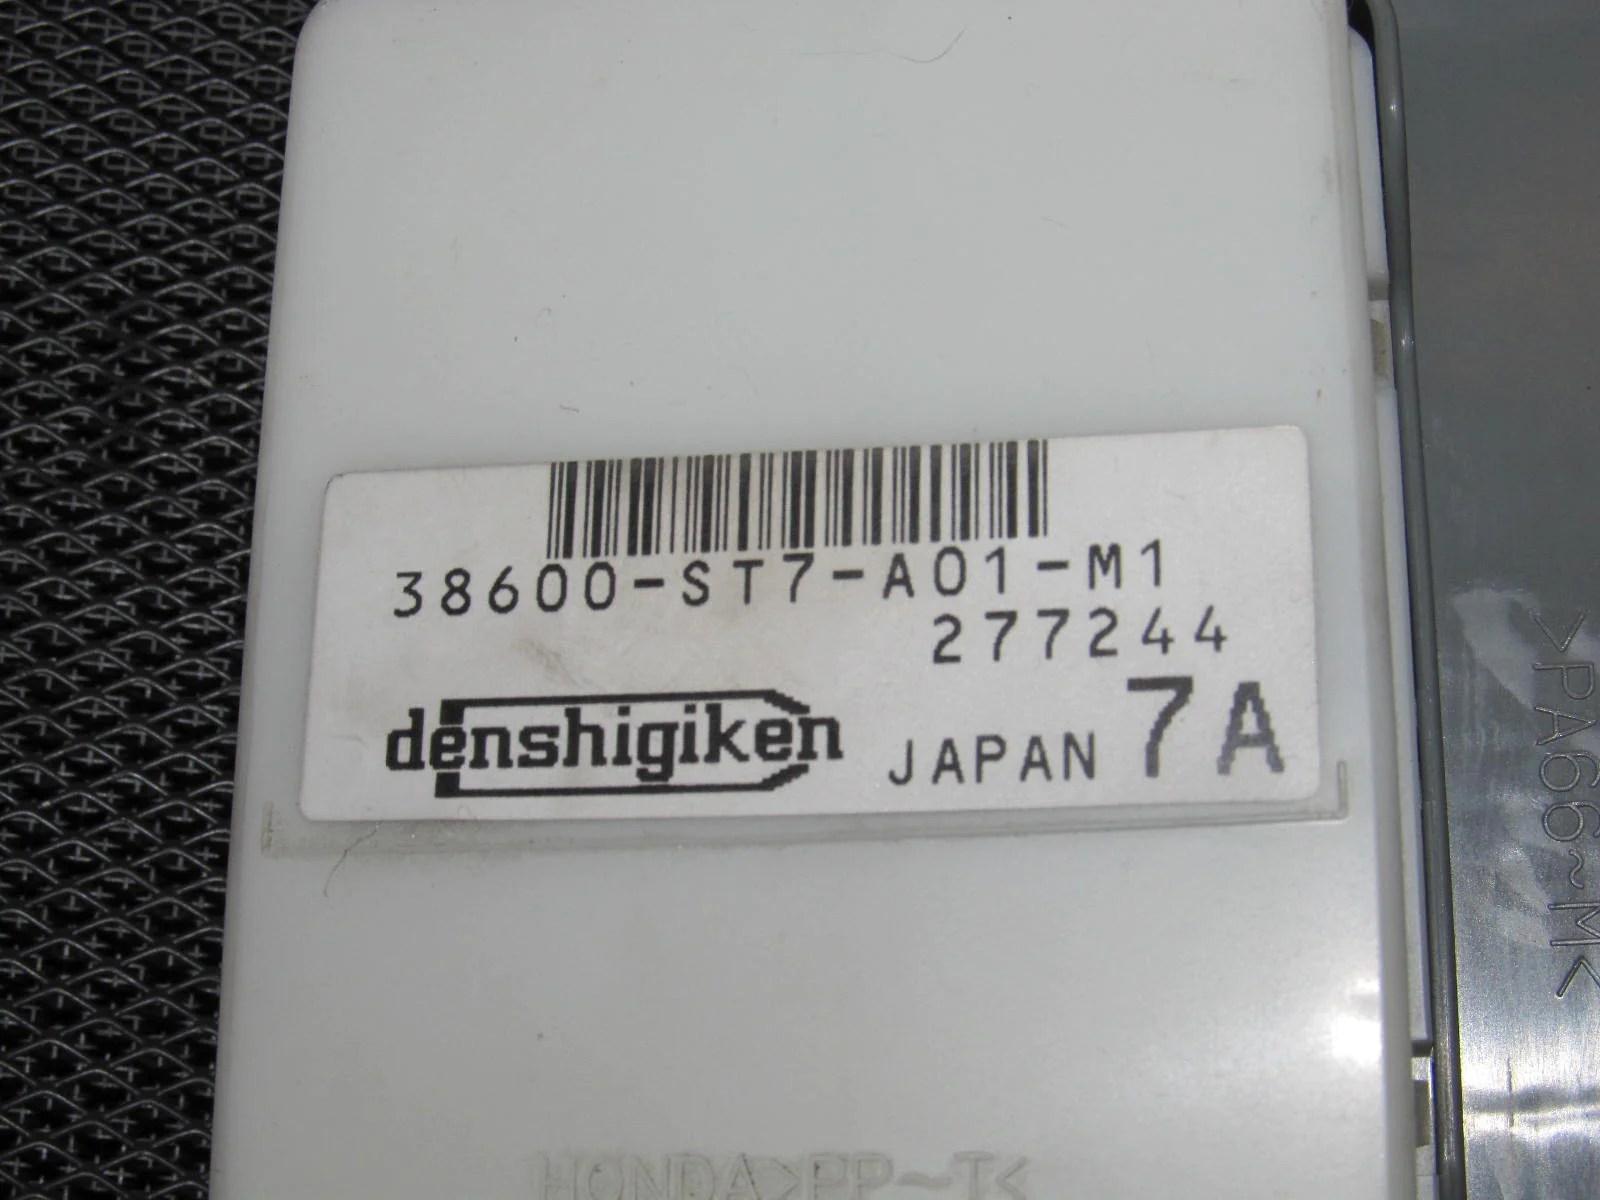 94 95 96 97 98 99 00 01 acura integra oem interior fuse box [ 1600 x 1200 Pixel ]